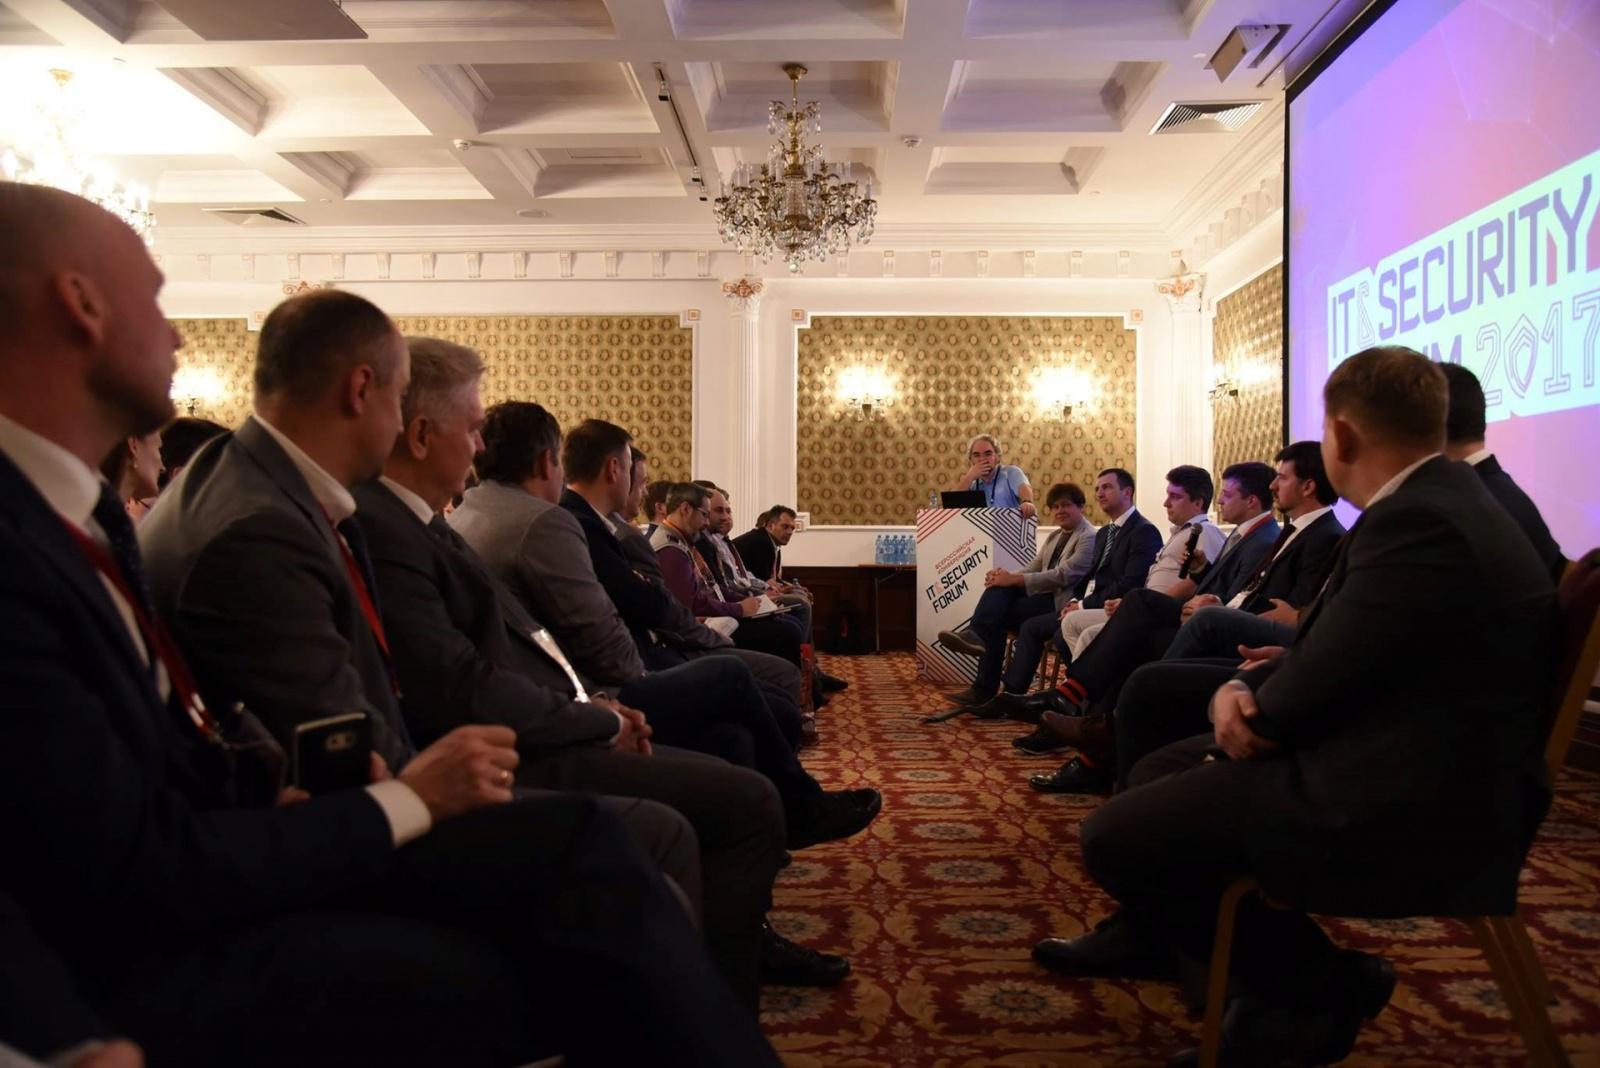 Завершение 11-й всероссийской конференции IT & Security Forum - 15